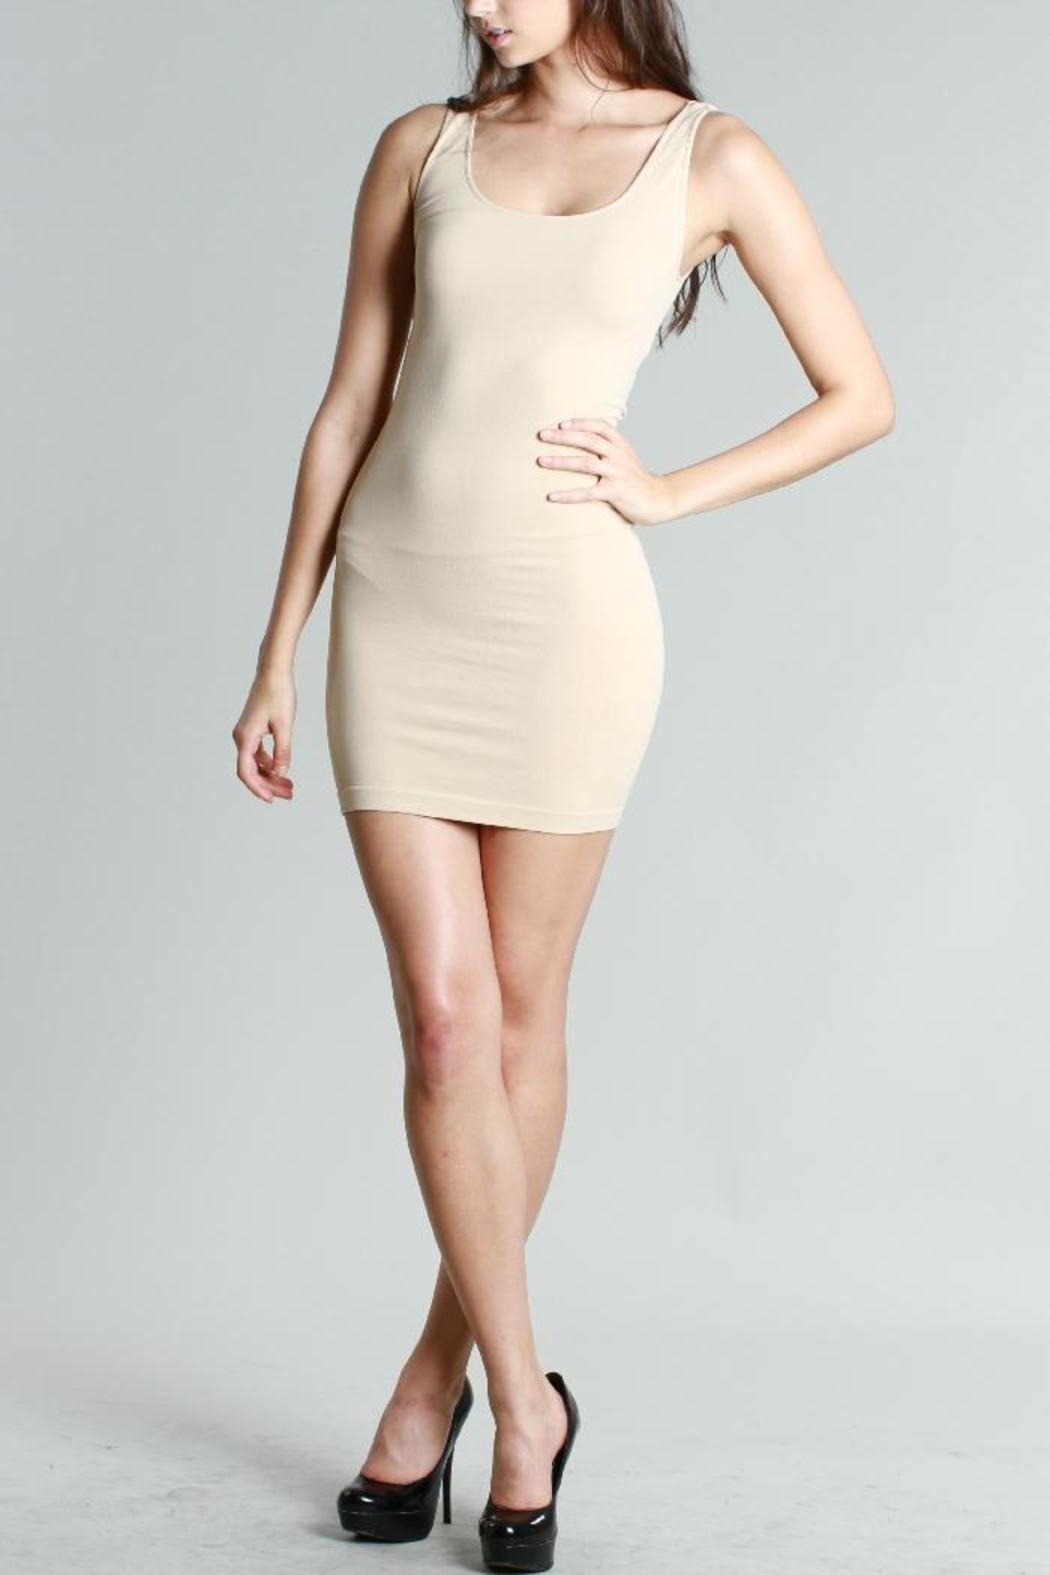 Scoop Mini Satin Tank Dress